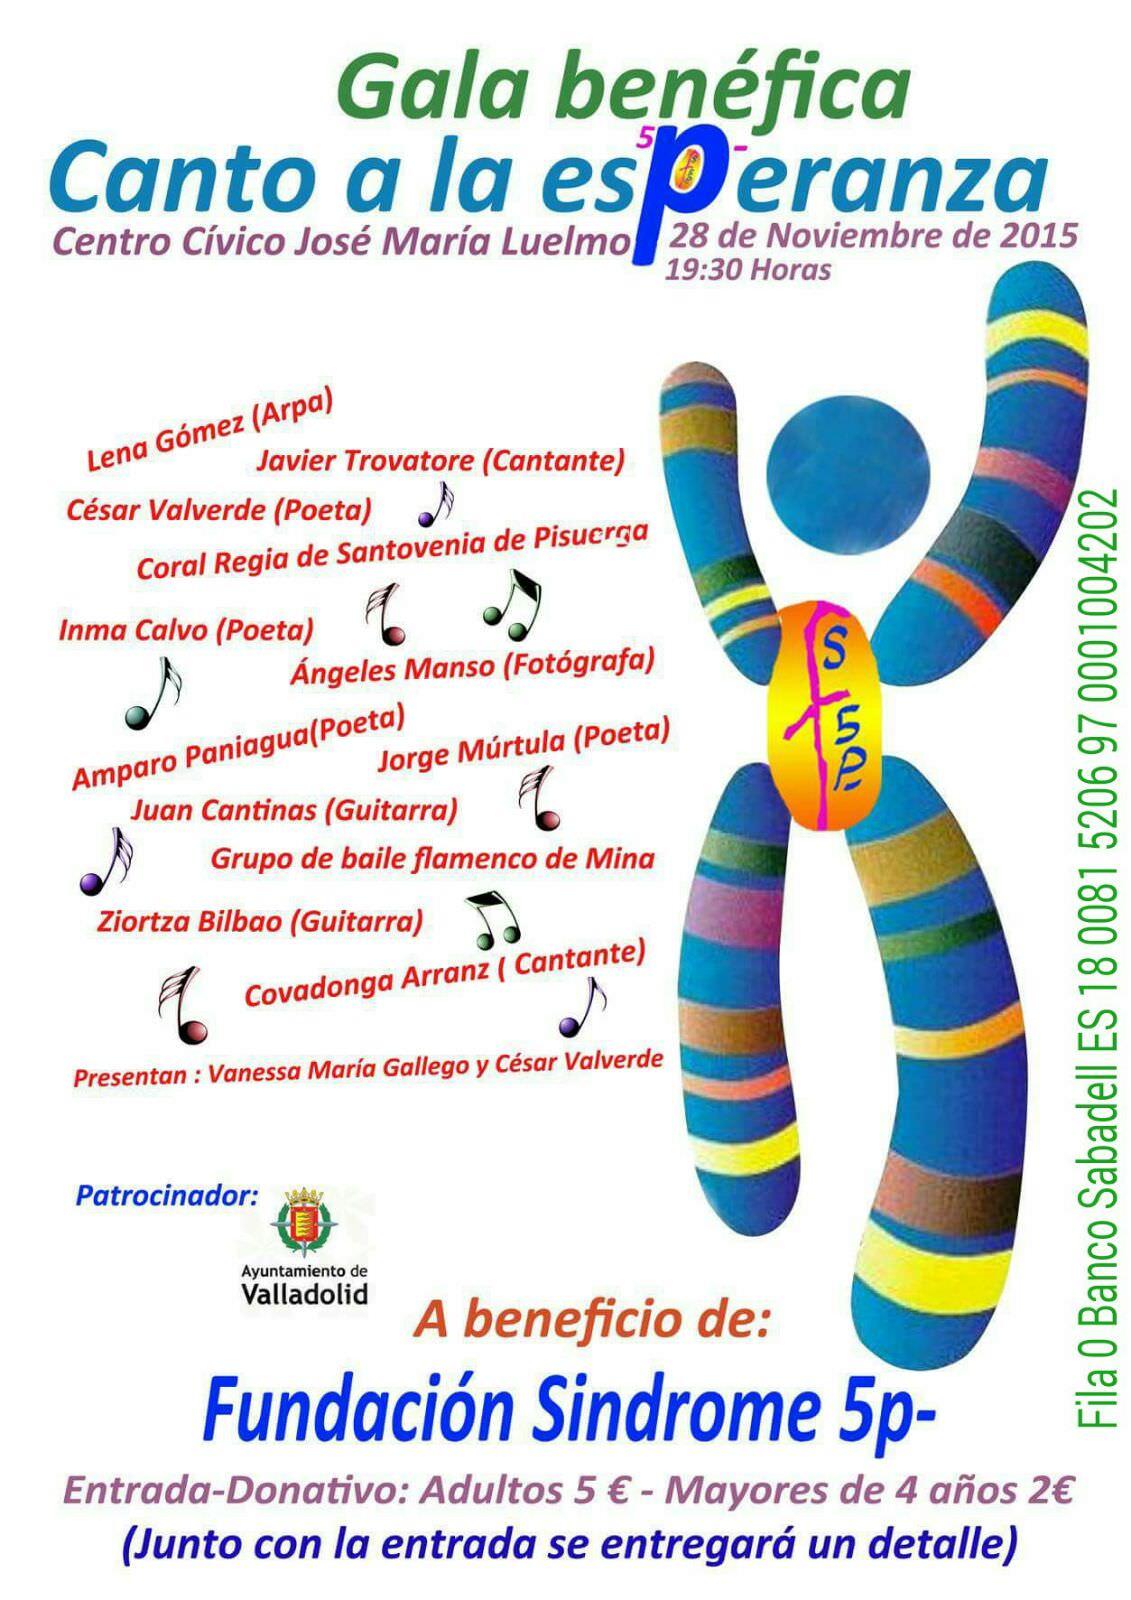 Gala benéfica Canto a la Esperanza (Valladolid)